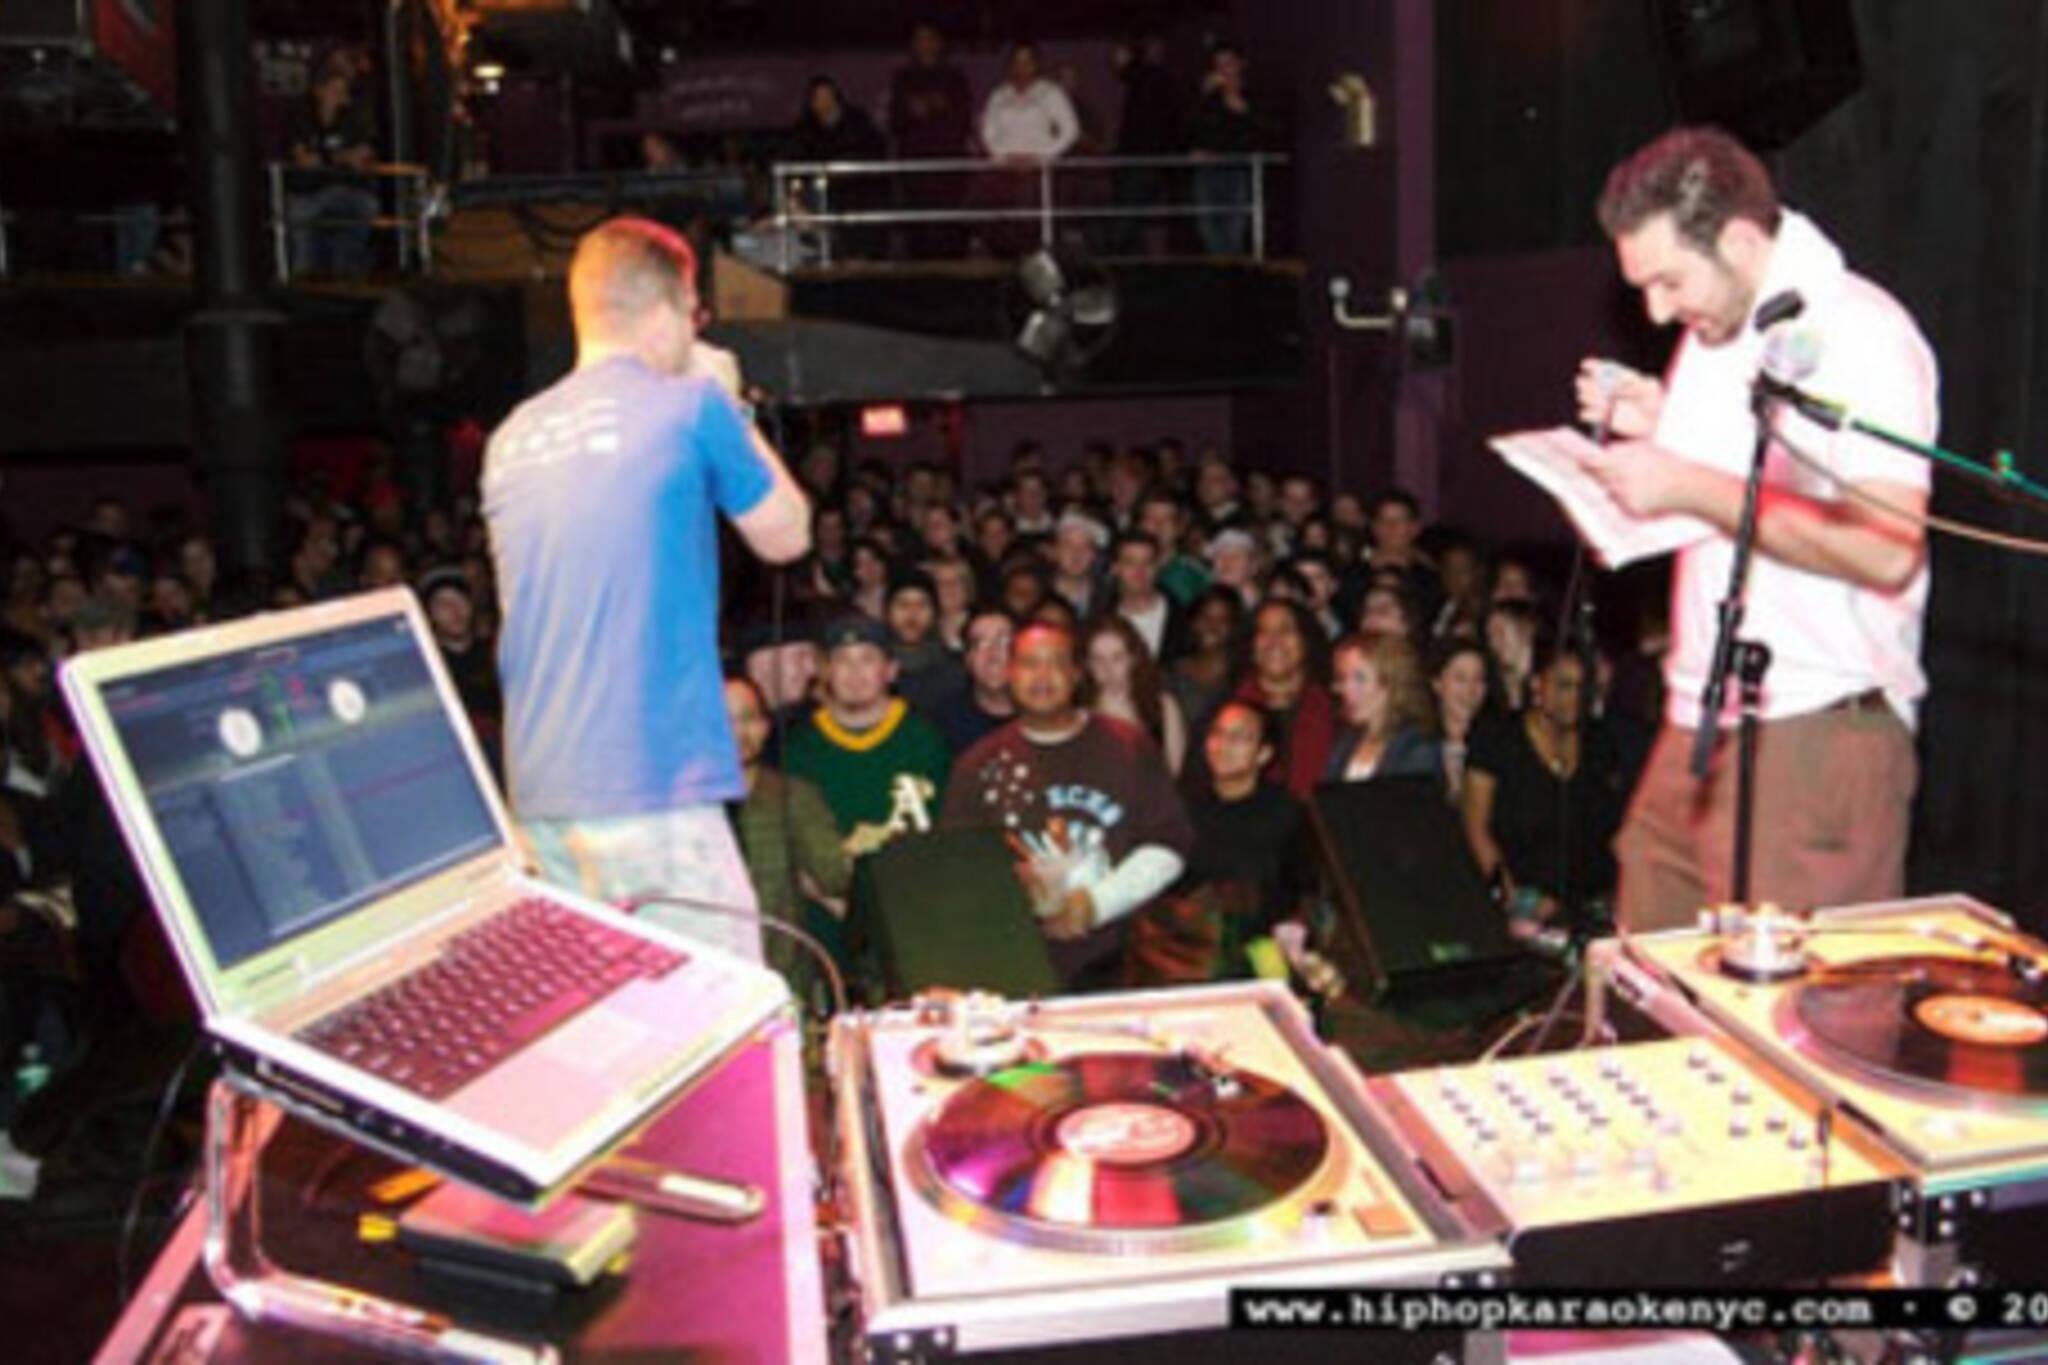 hiphopkaraoke_crowd.jpg